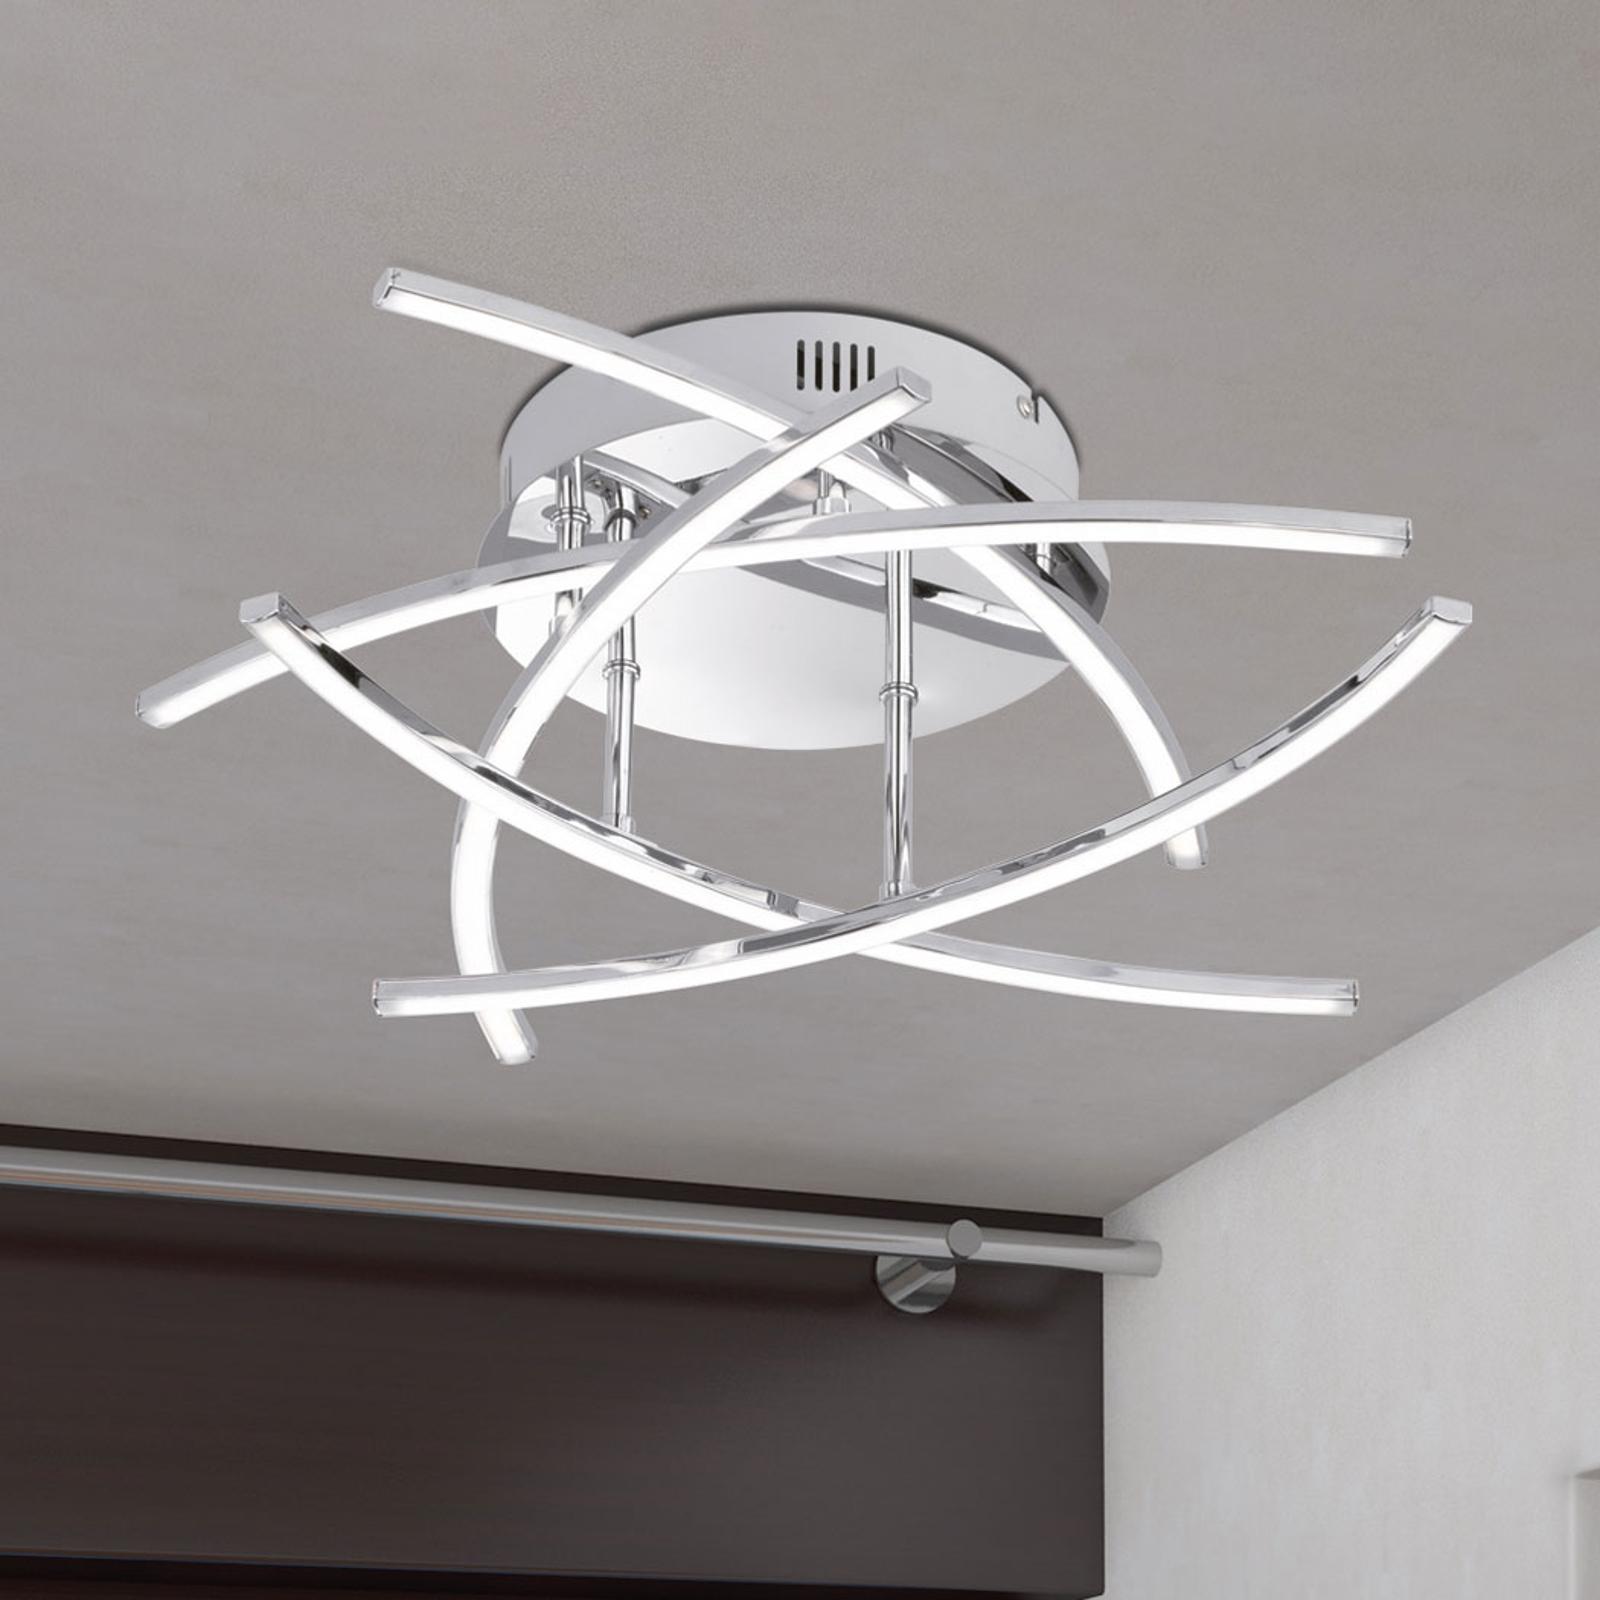 Plafonnier LED Cross à 5 lampes, chromé